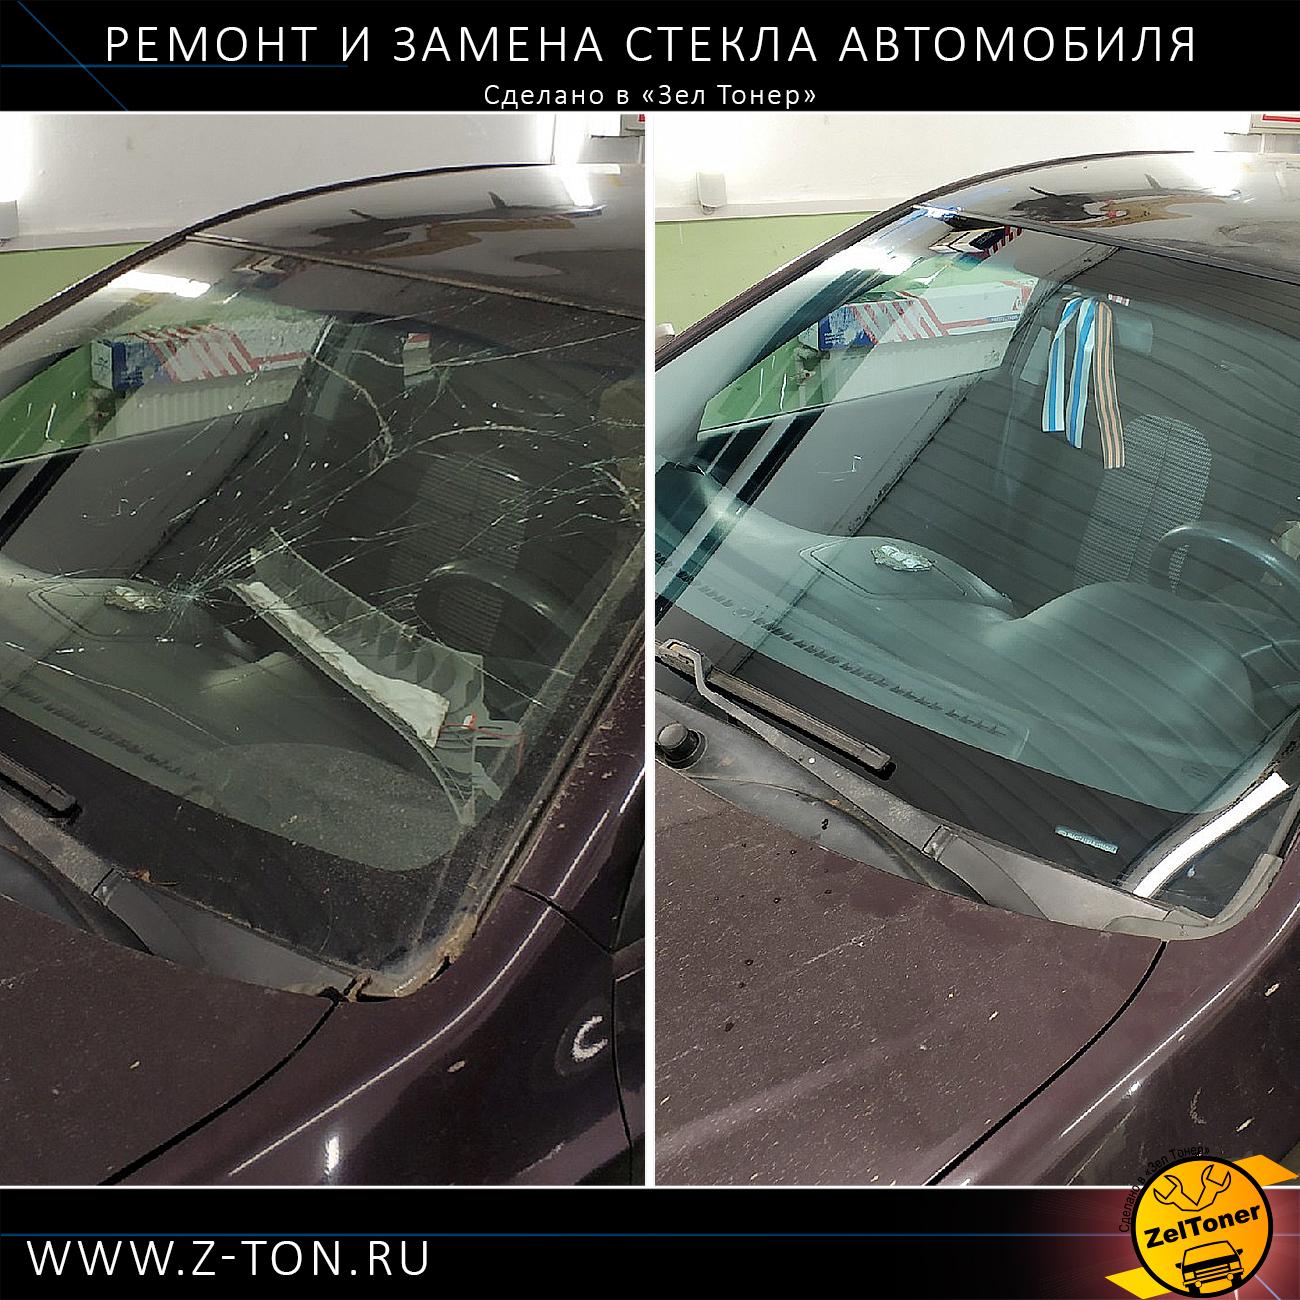 Автомобиль   Стекло трещина ремонт   Знакомая ситуация